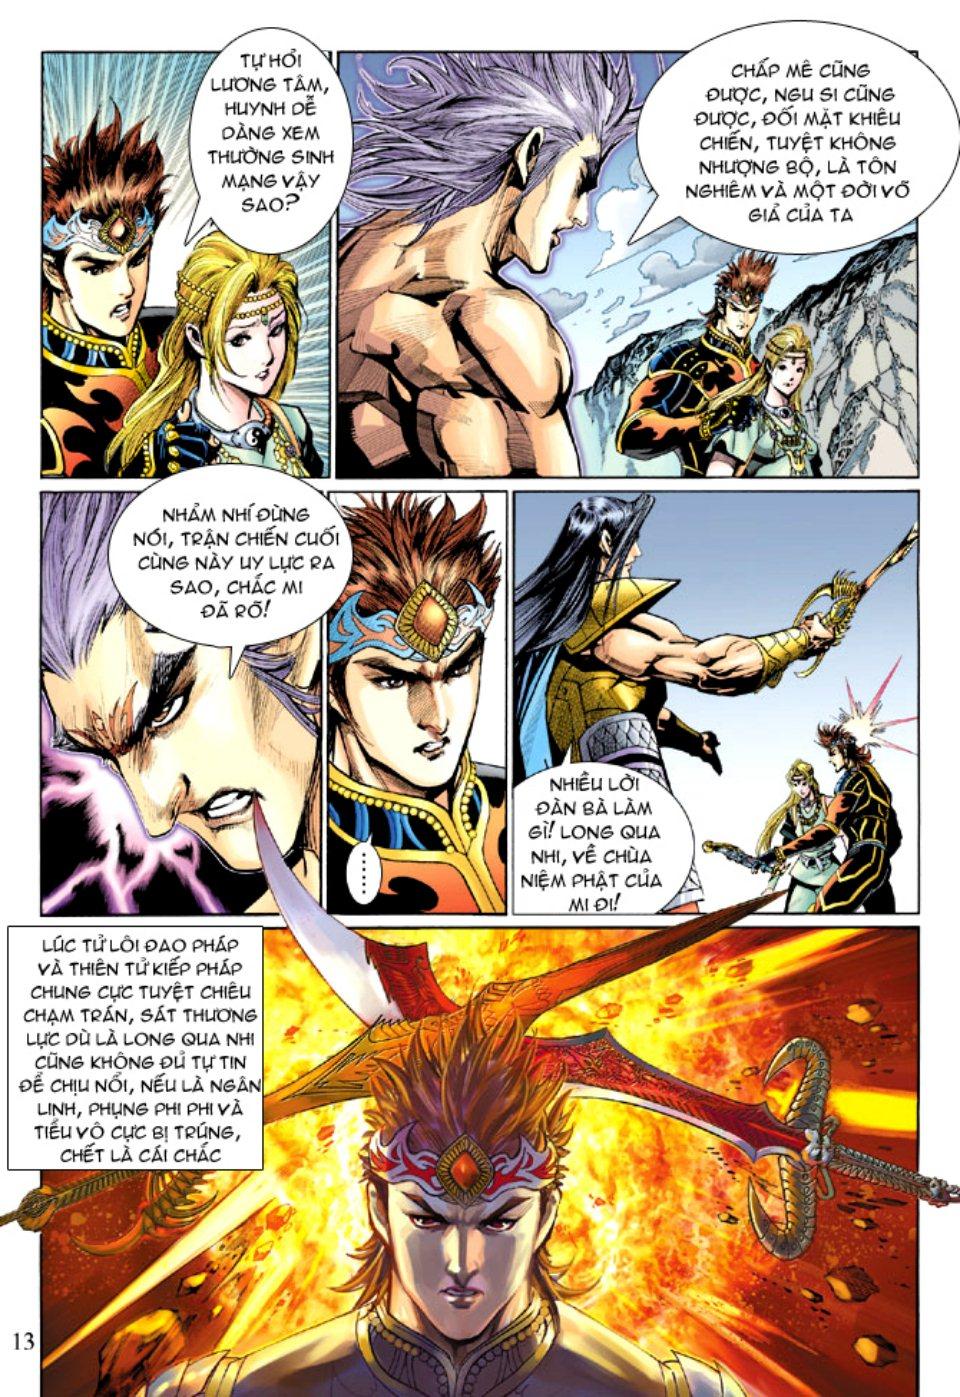 Thiên Tử Truyền Kỳ 5 - Như Lai Thần Chưởng chap 212 - Trang 13